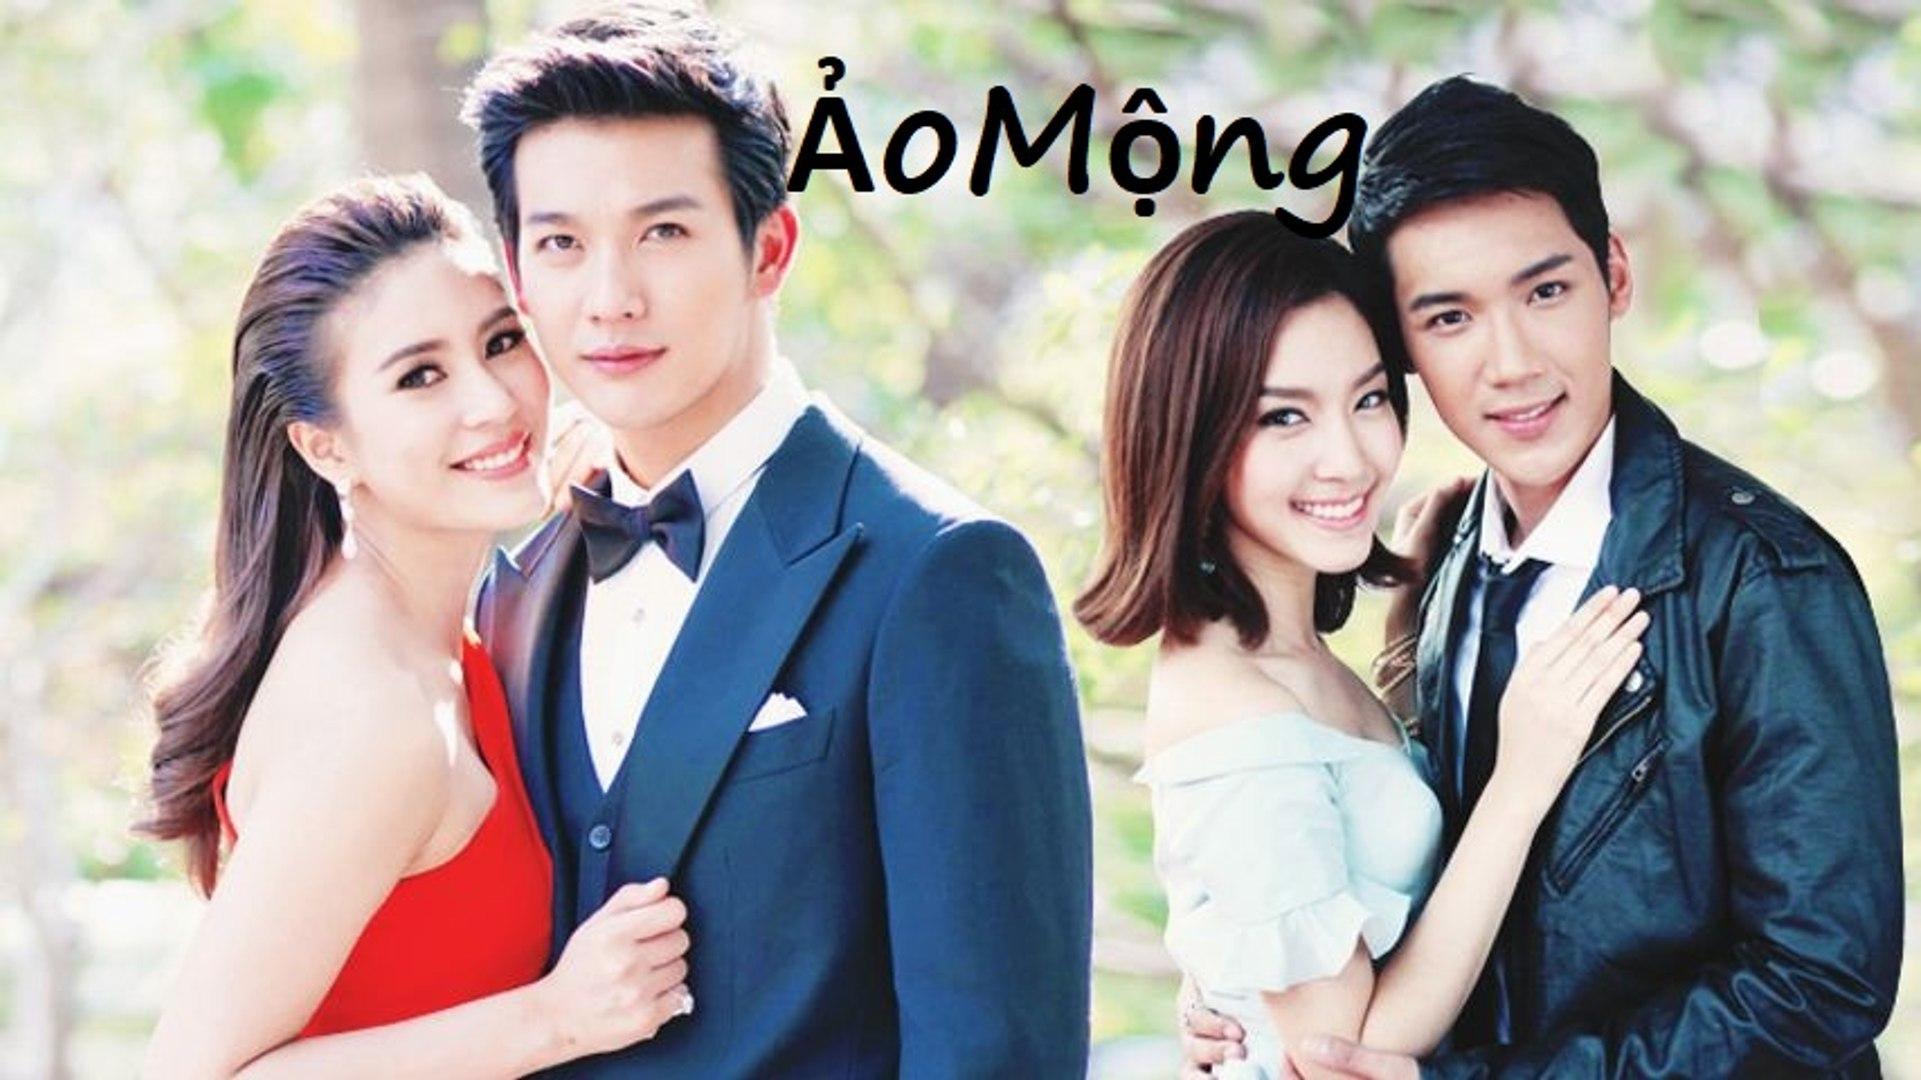 Phim Ảo Mộng Tập 26 (Lồng Tiếng) - Phim Thái Lan - Phim Tình Cảm